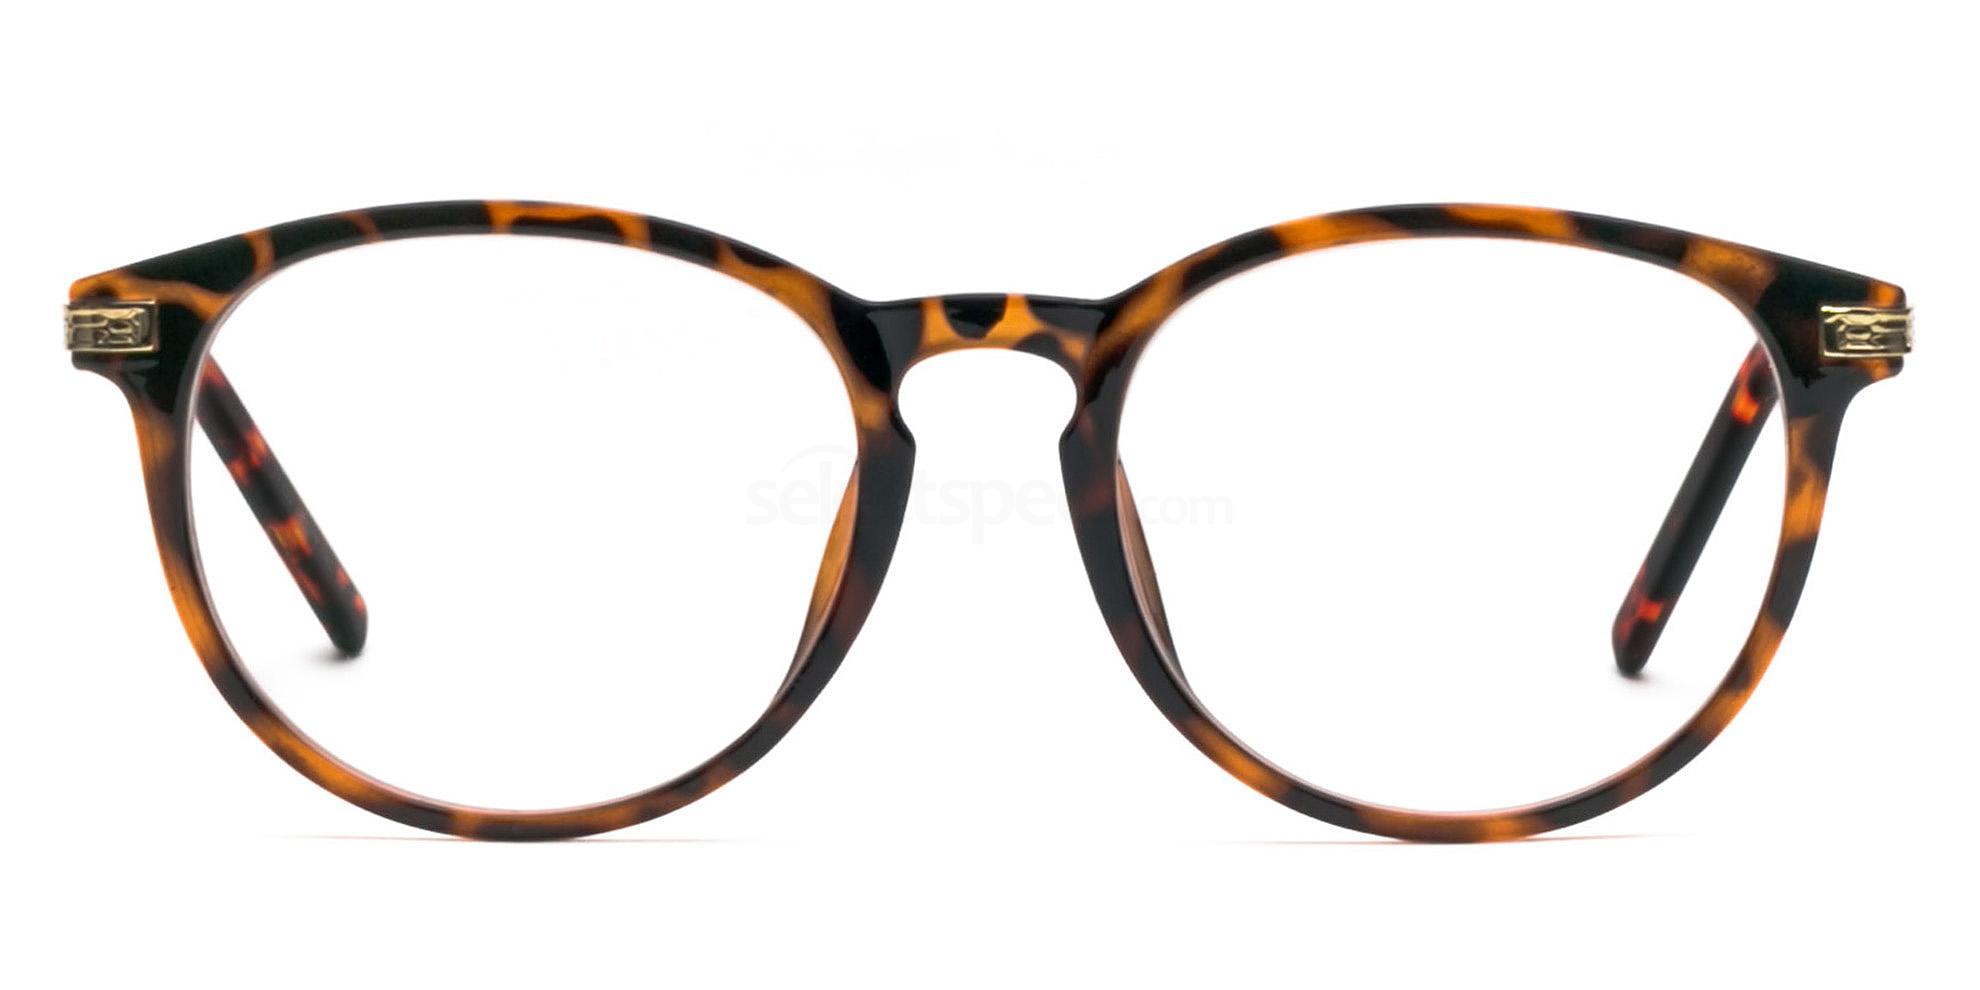 Infinity P77333 glasses